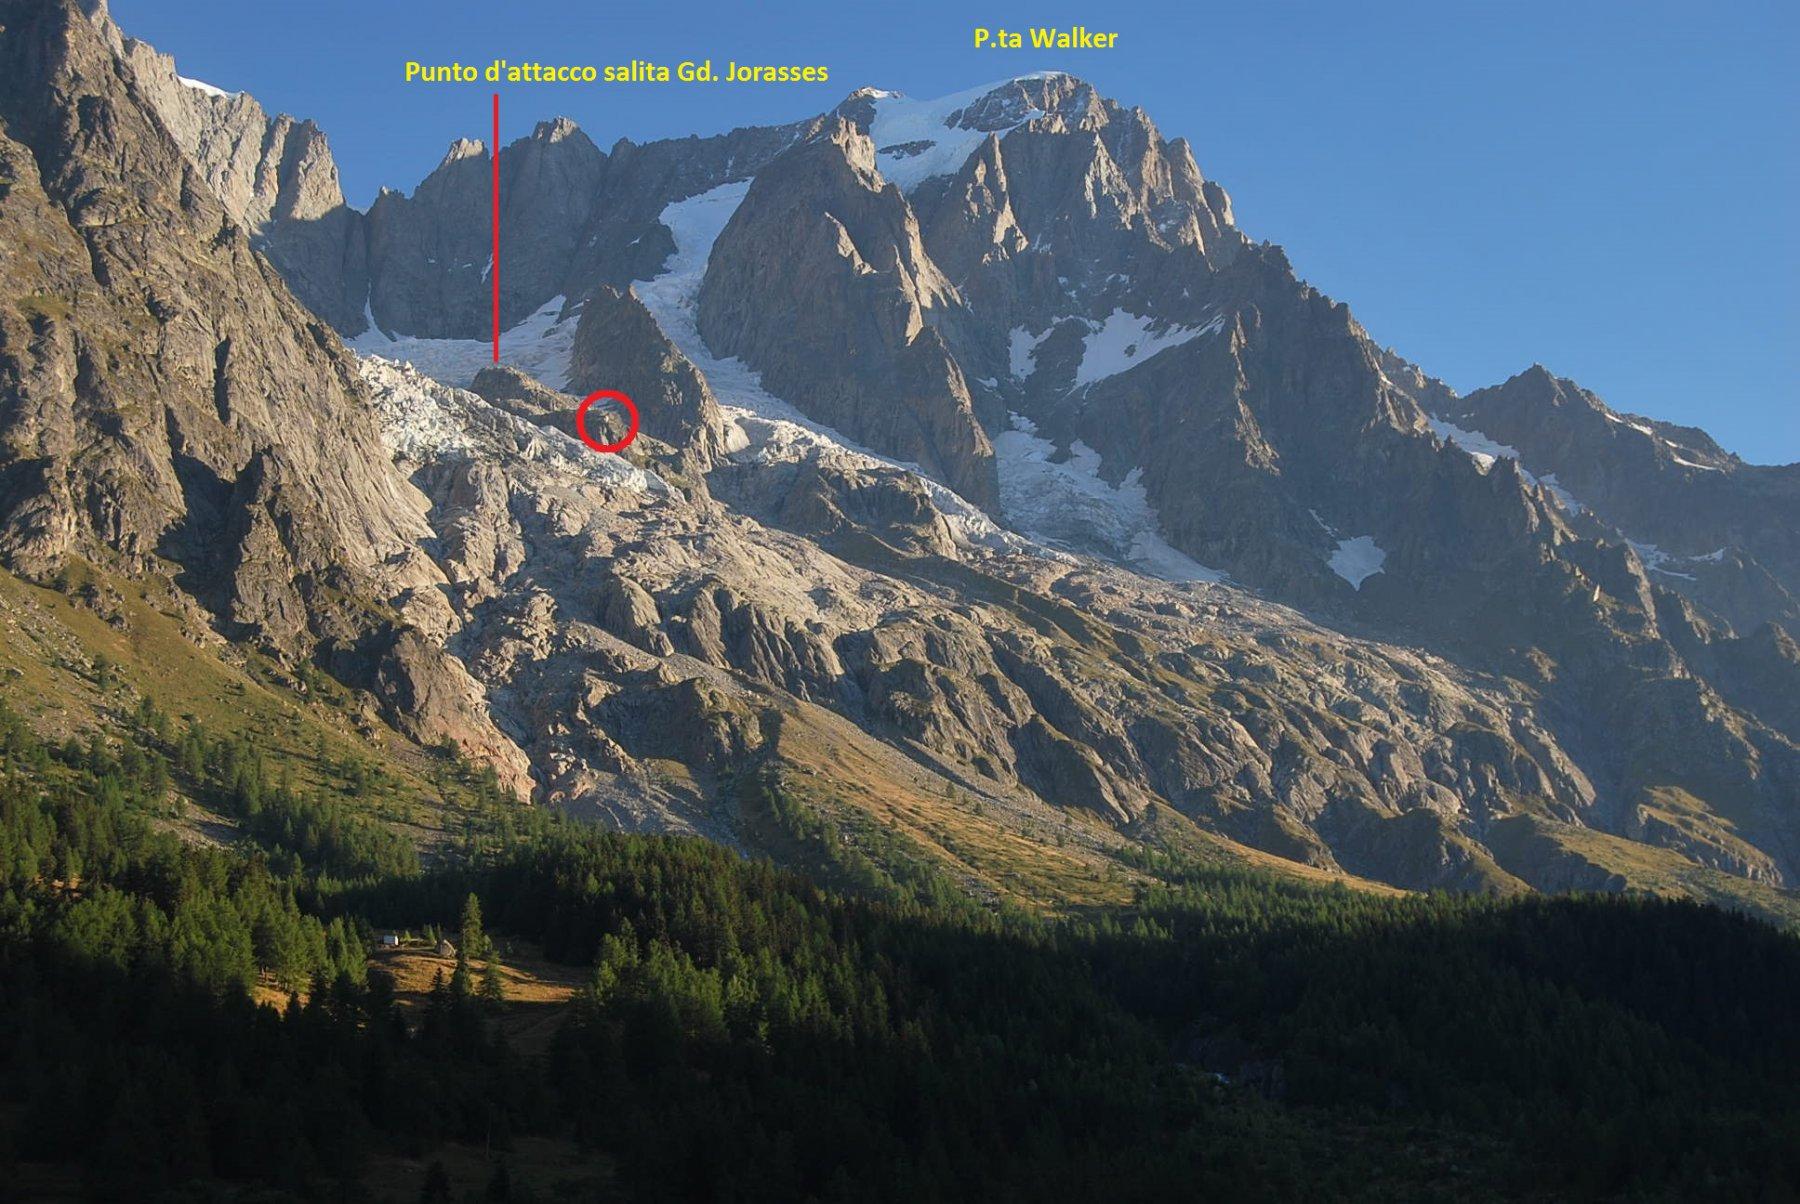 Lo scenario ed un piccolissimo rifugio (nel circoletto) visti dalla Casa-vacanze del CAI Cameri